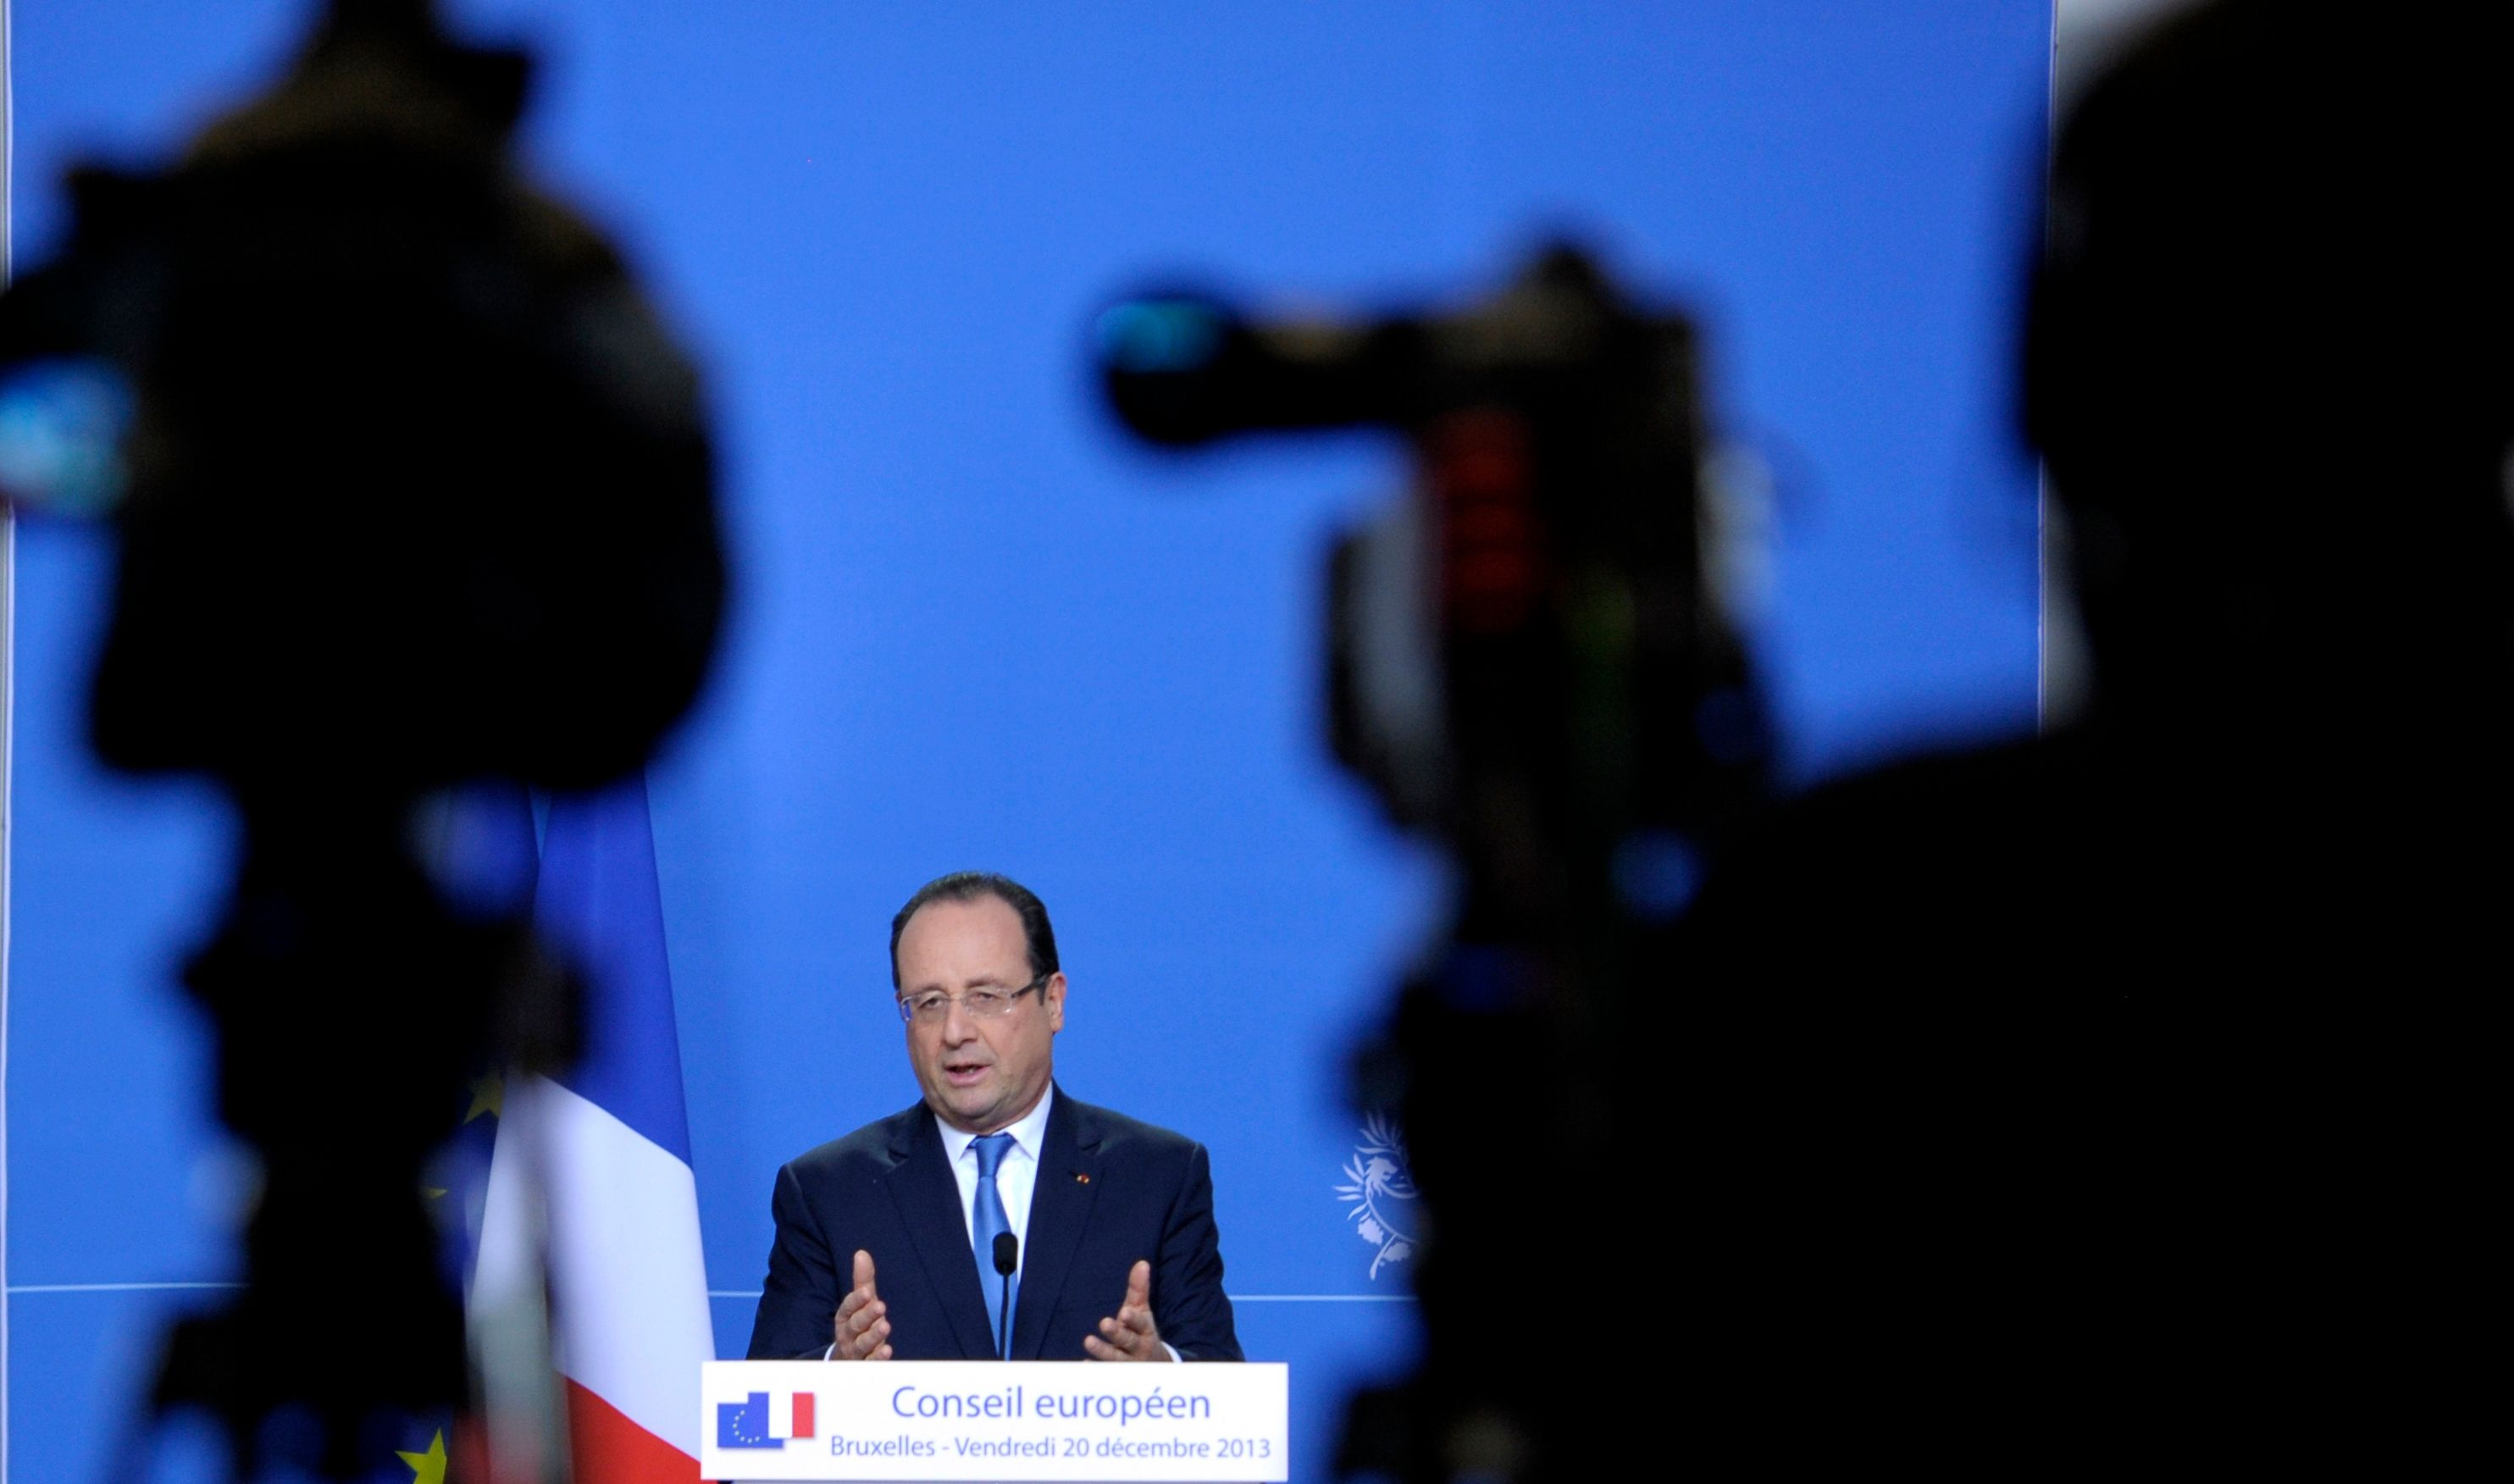 François Hollande lors d'une conférence de presse.